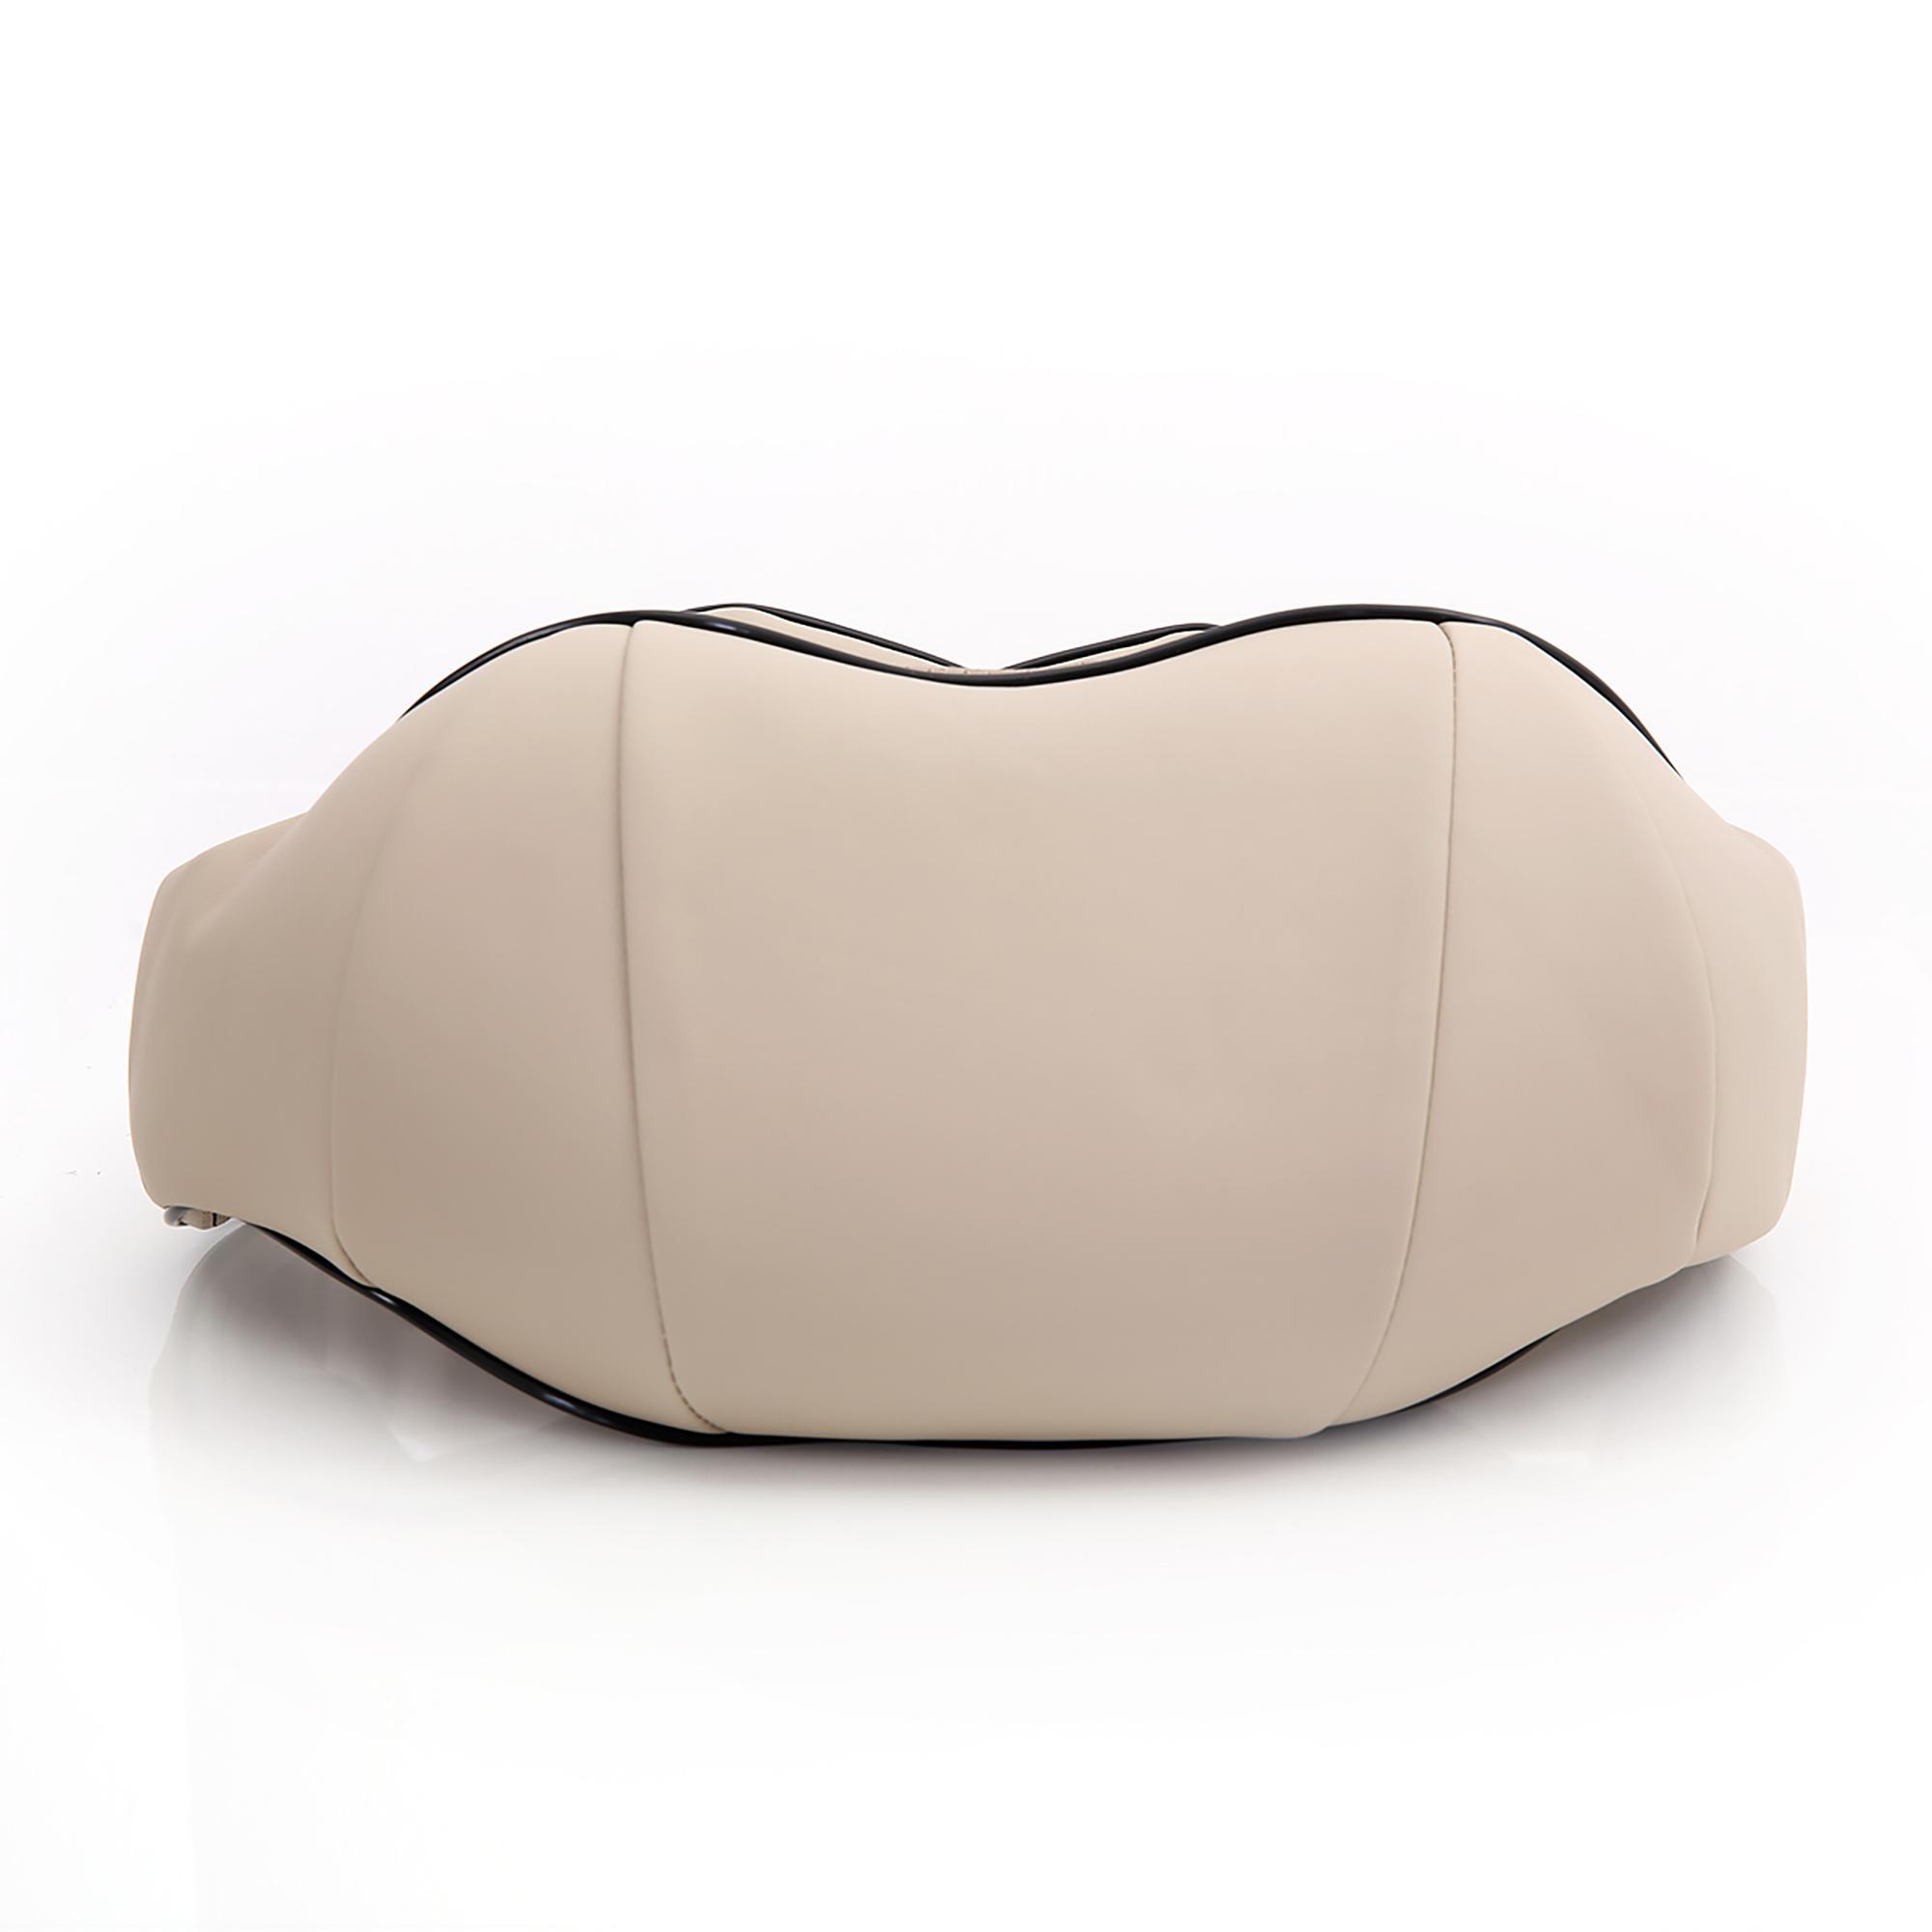 Đai Massage Toàn Thân - GO-6302 - Đánh Tan mỡ Bụng cao cấp